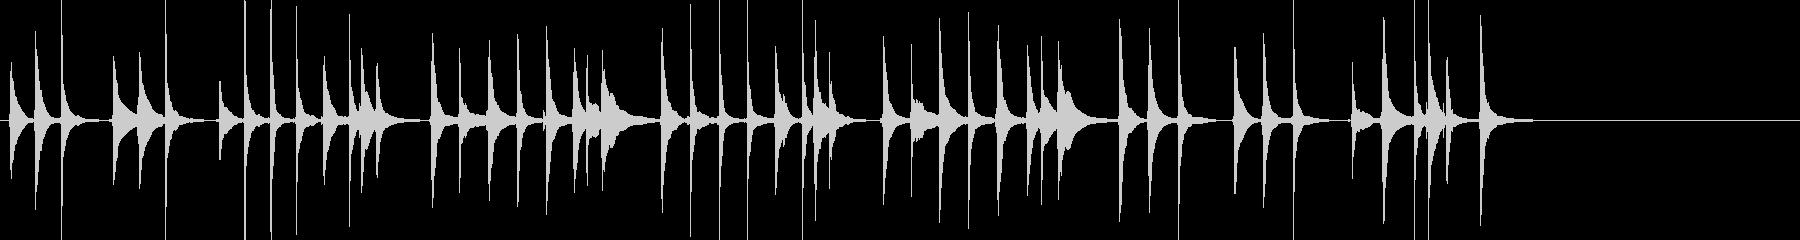 三味線204さくらさくら3古曲日本のうたの未再生の波形